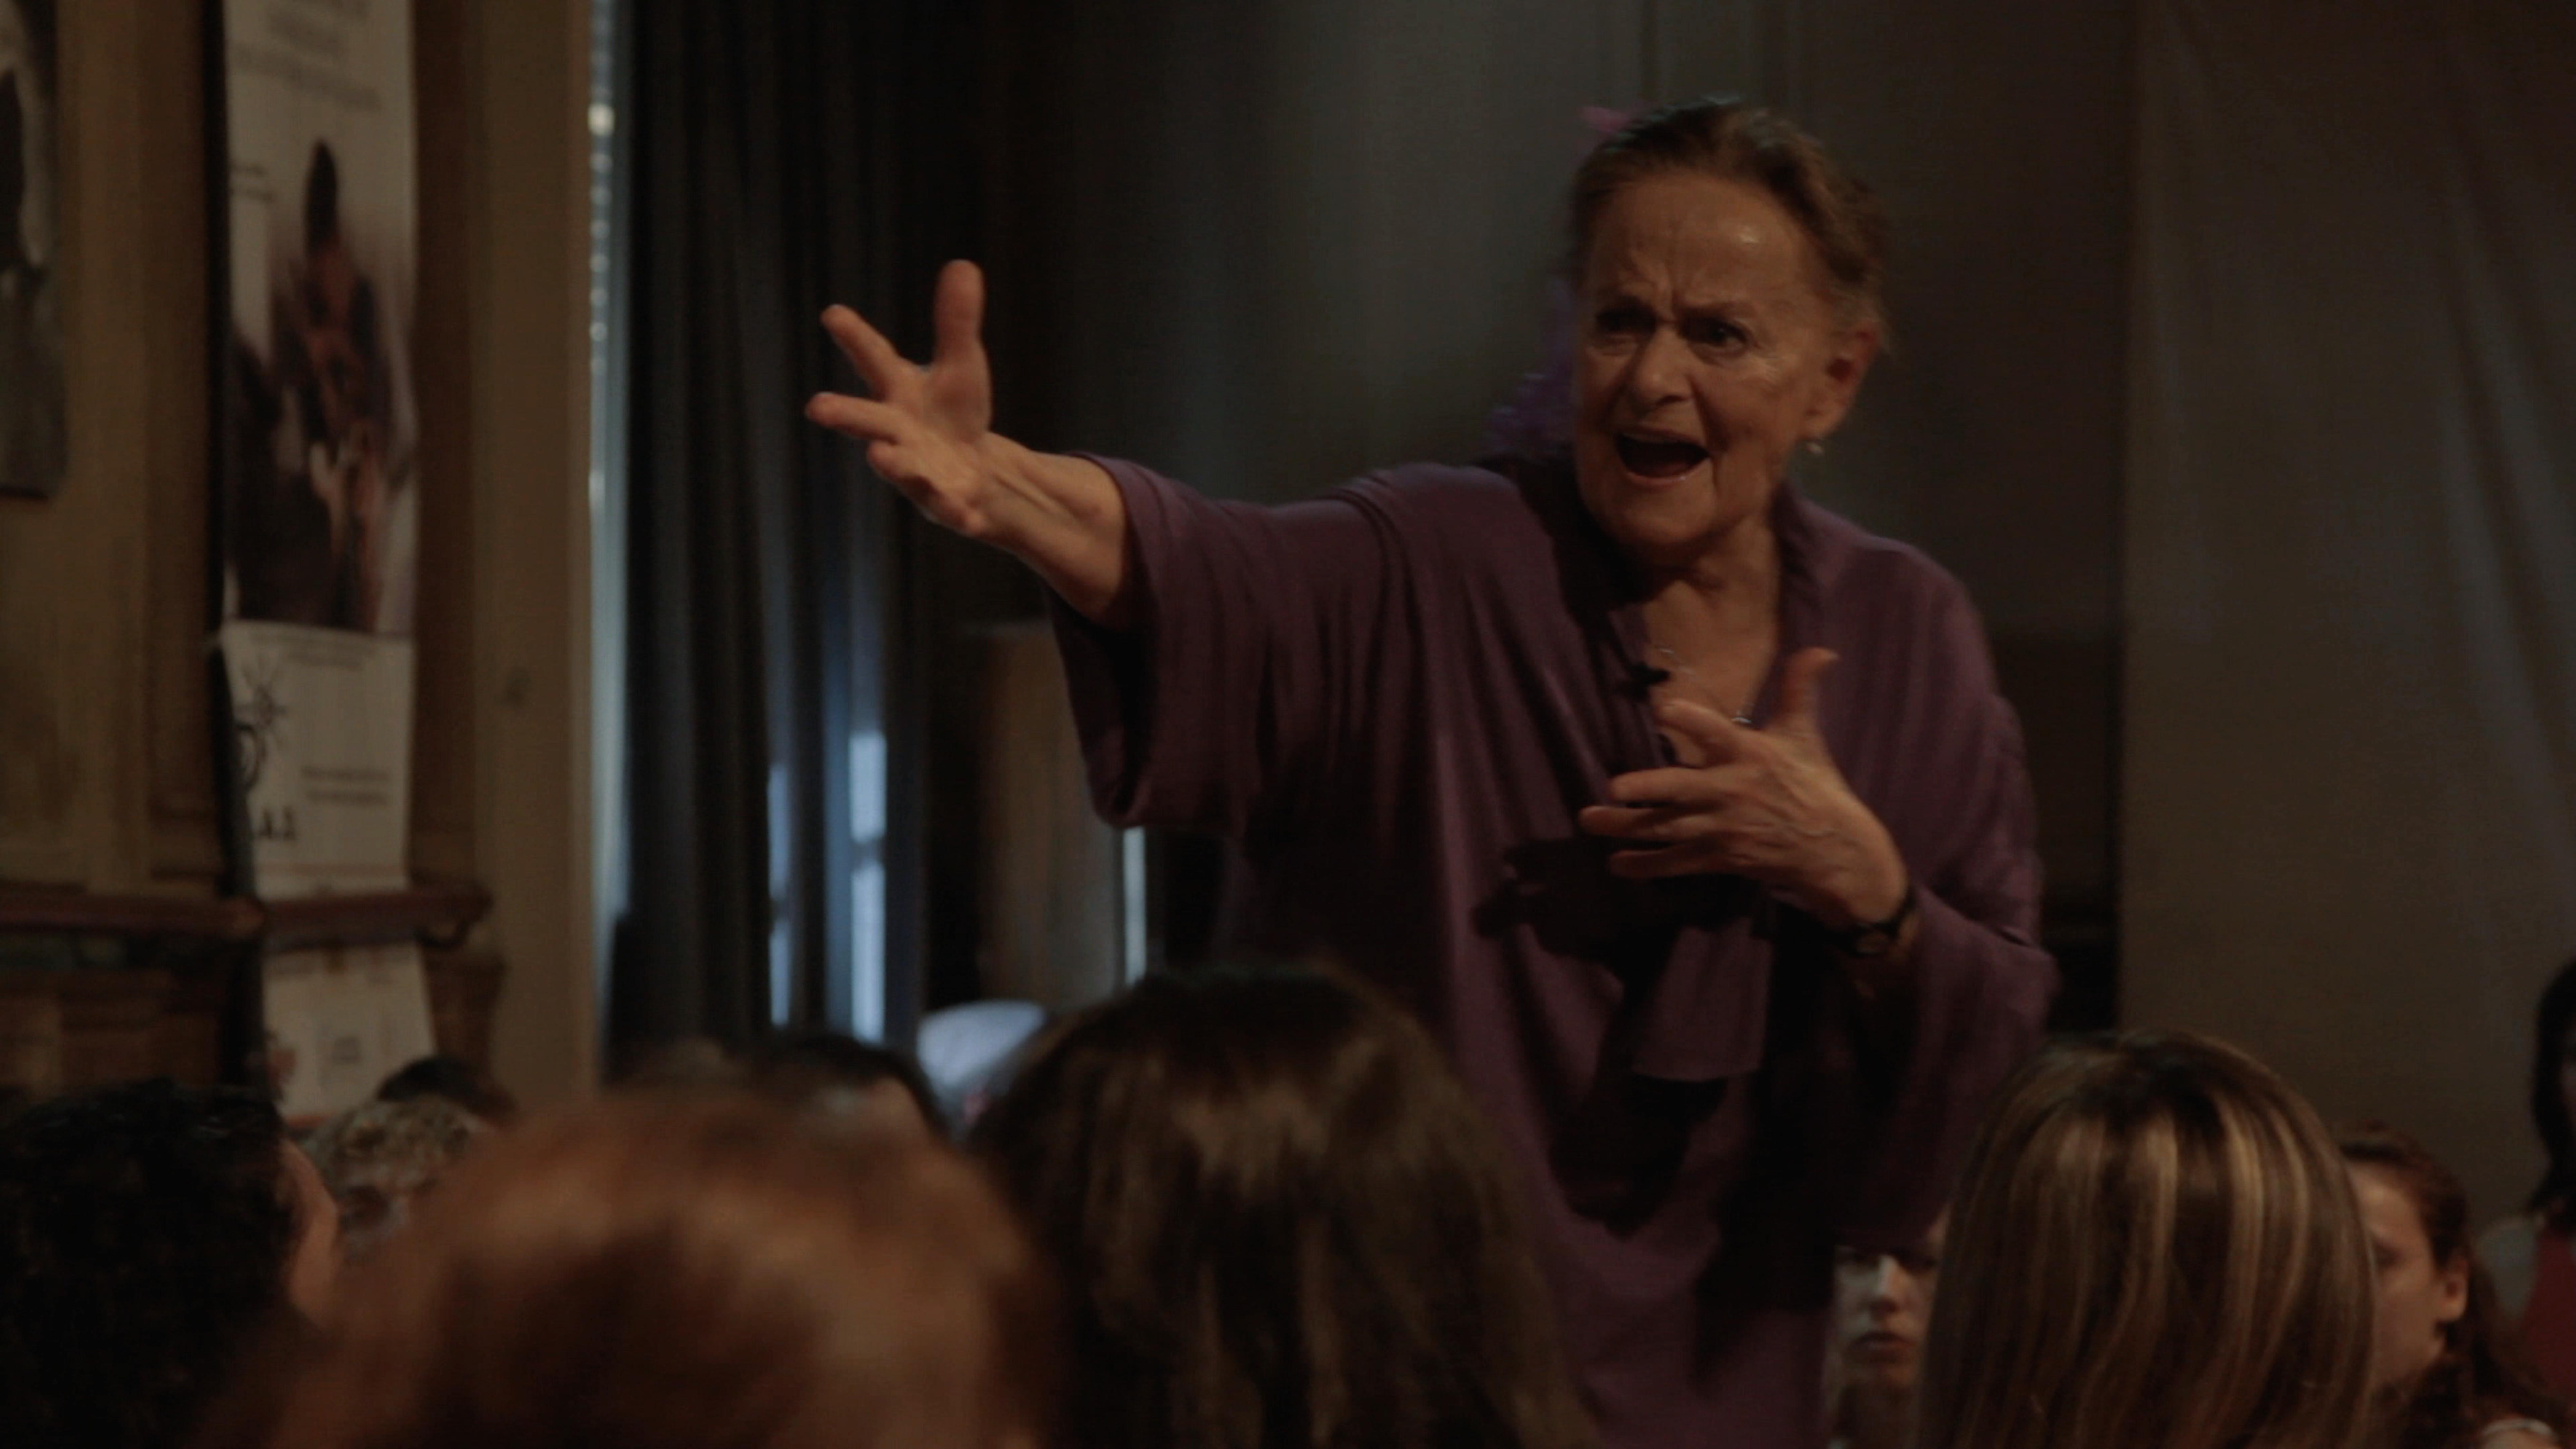 Dancing with Maria: un'esibizione canora di Maria Fux nel biopic a lei dedicato